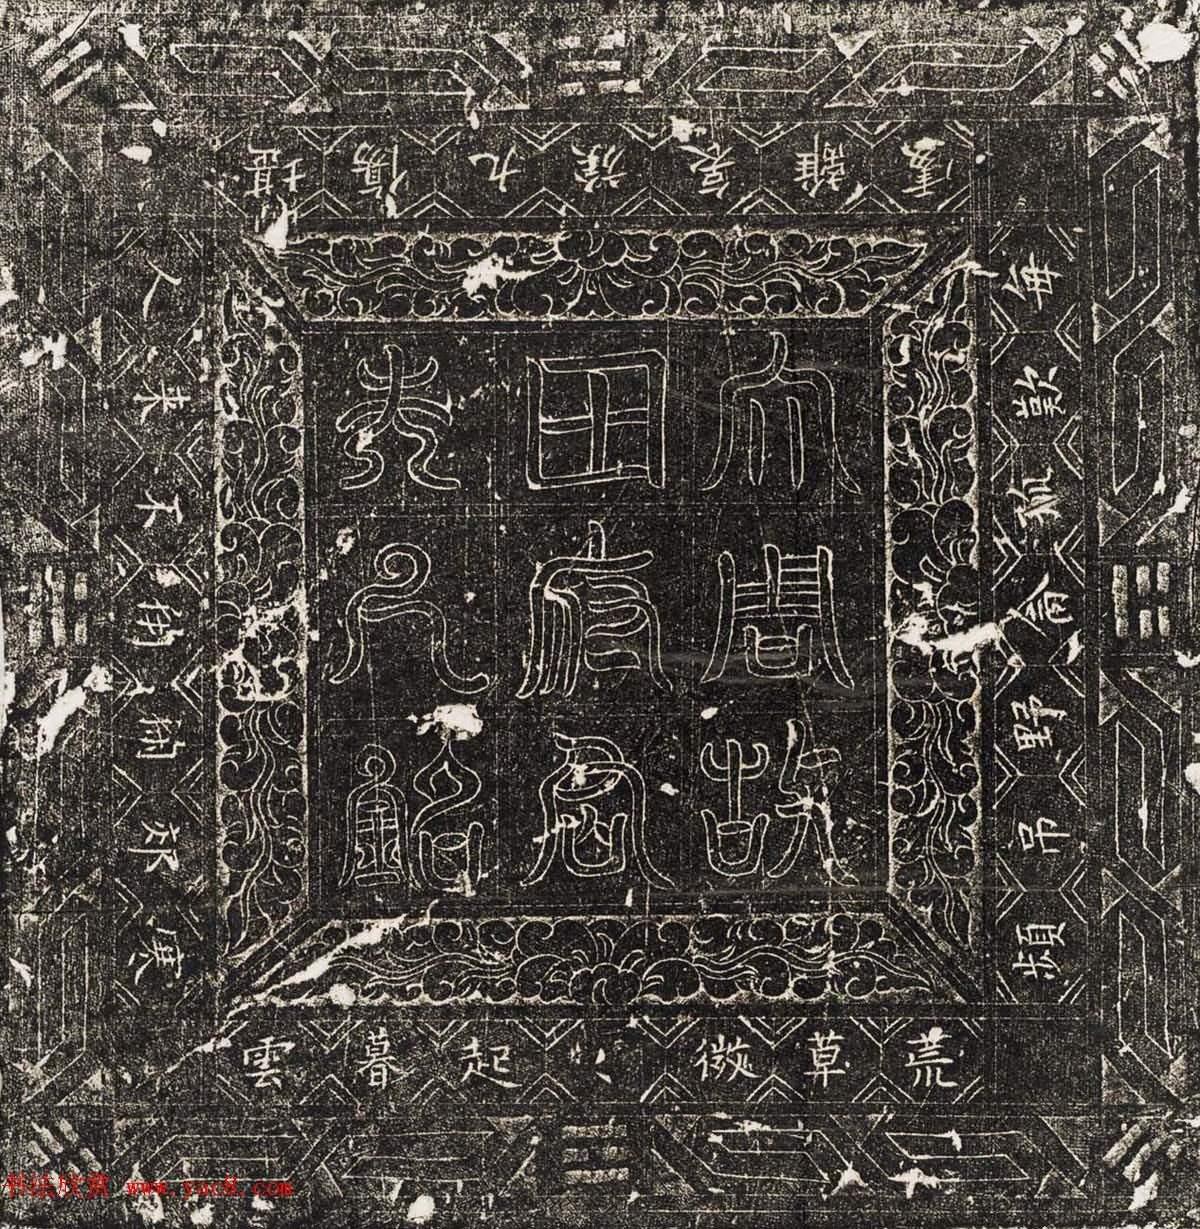 北周行書石刻真跡欣賞《田仁訓及妻王氏墓誌並蓋》(共4張圖片)